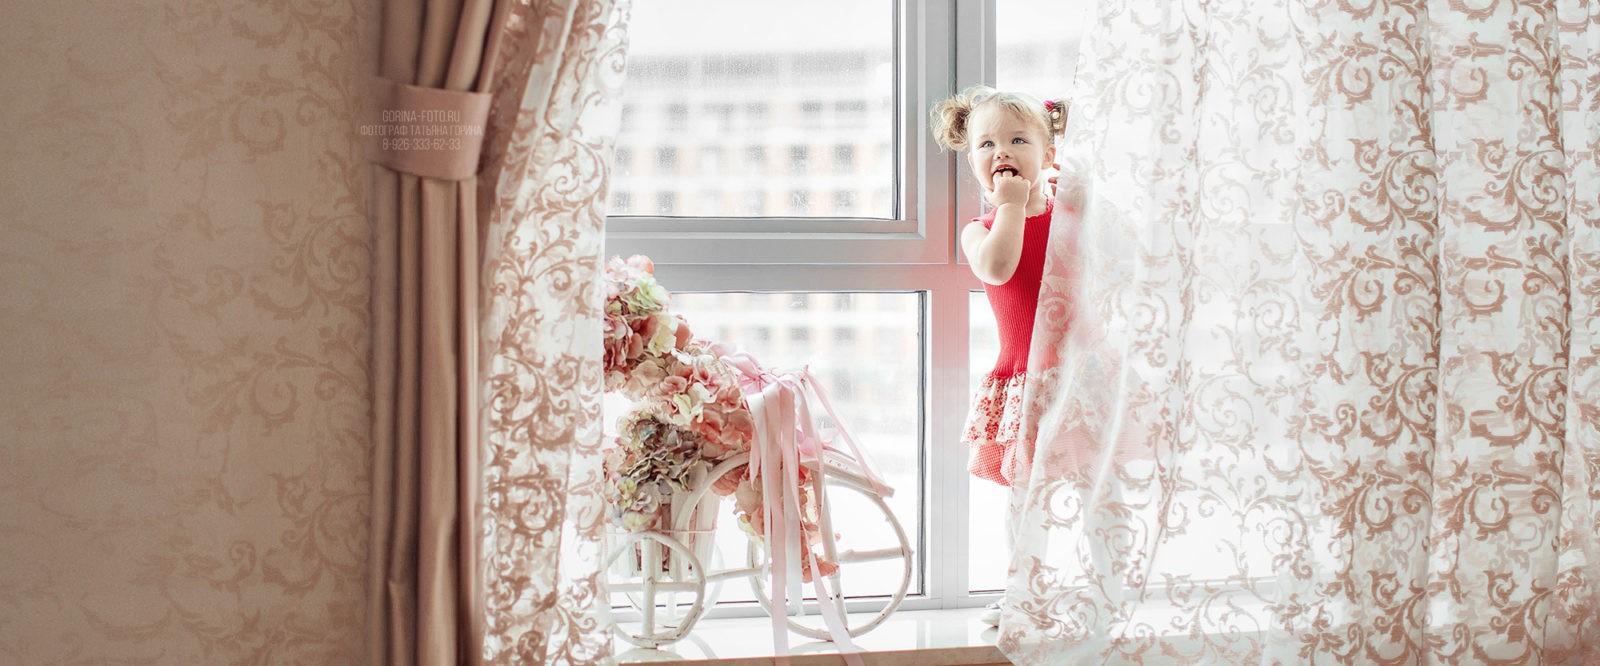 Фотосессия девочки дома. Фотограф Татьяна Горина.